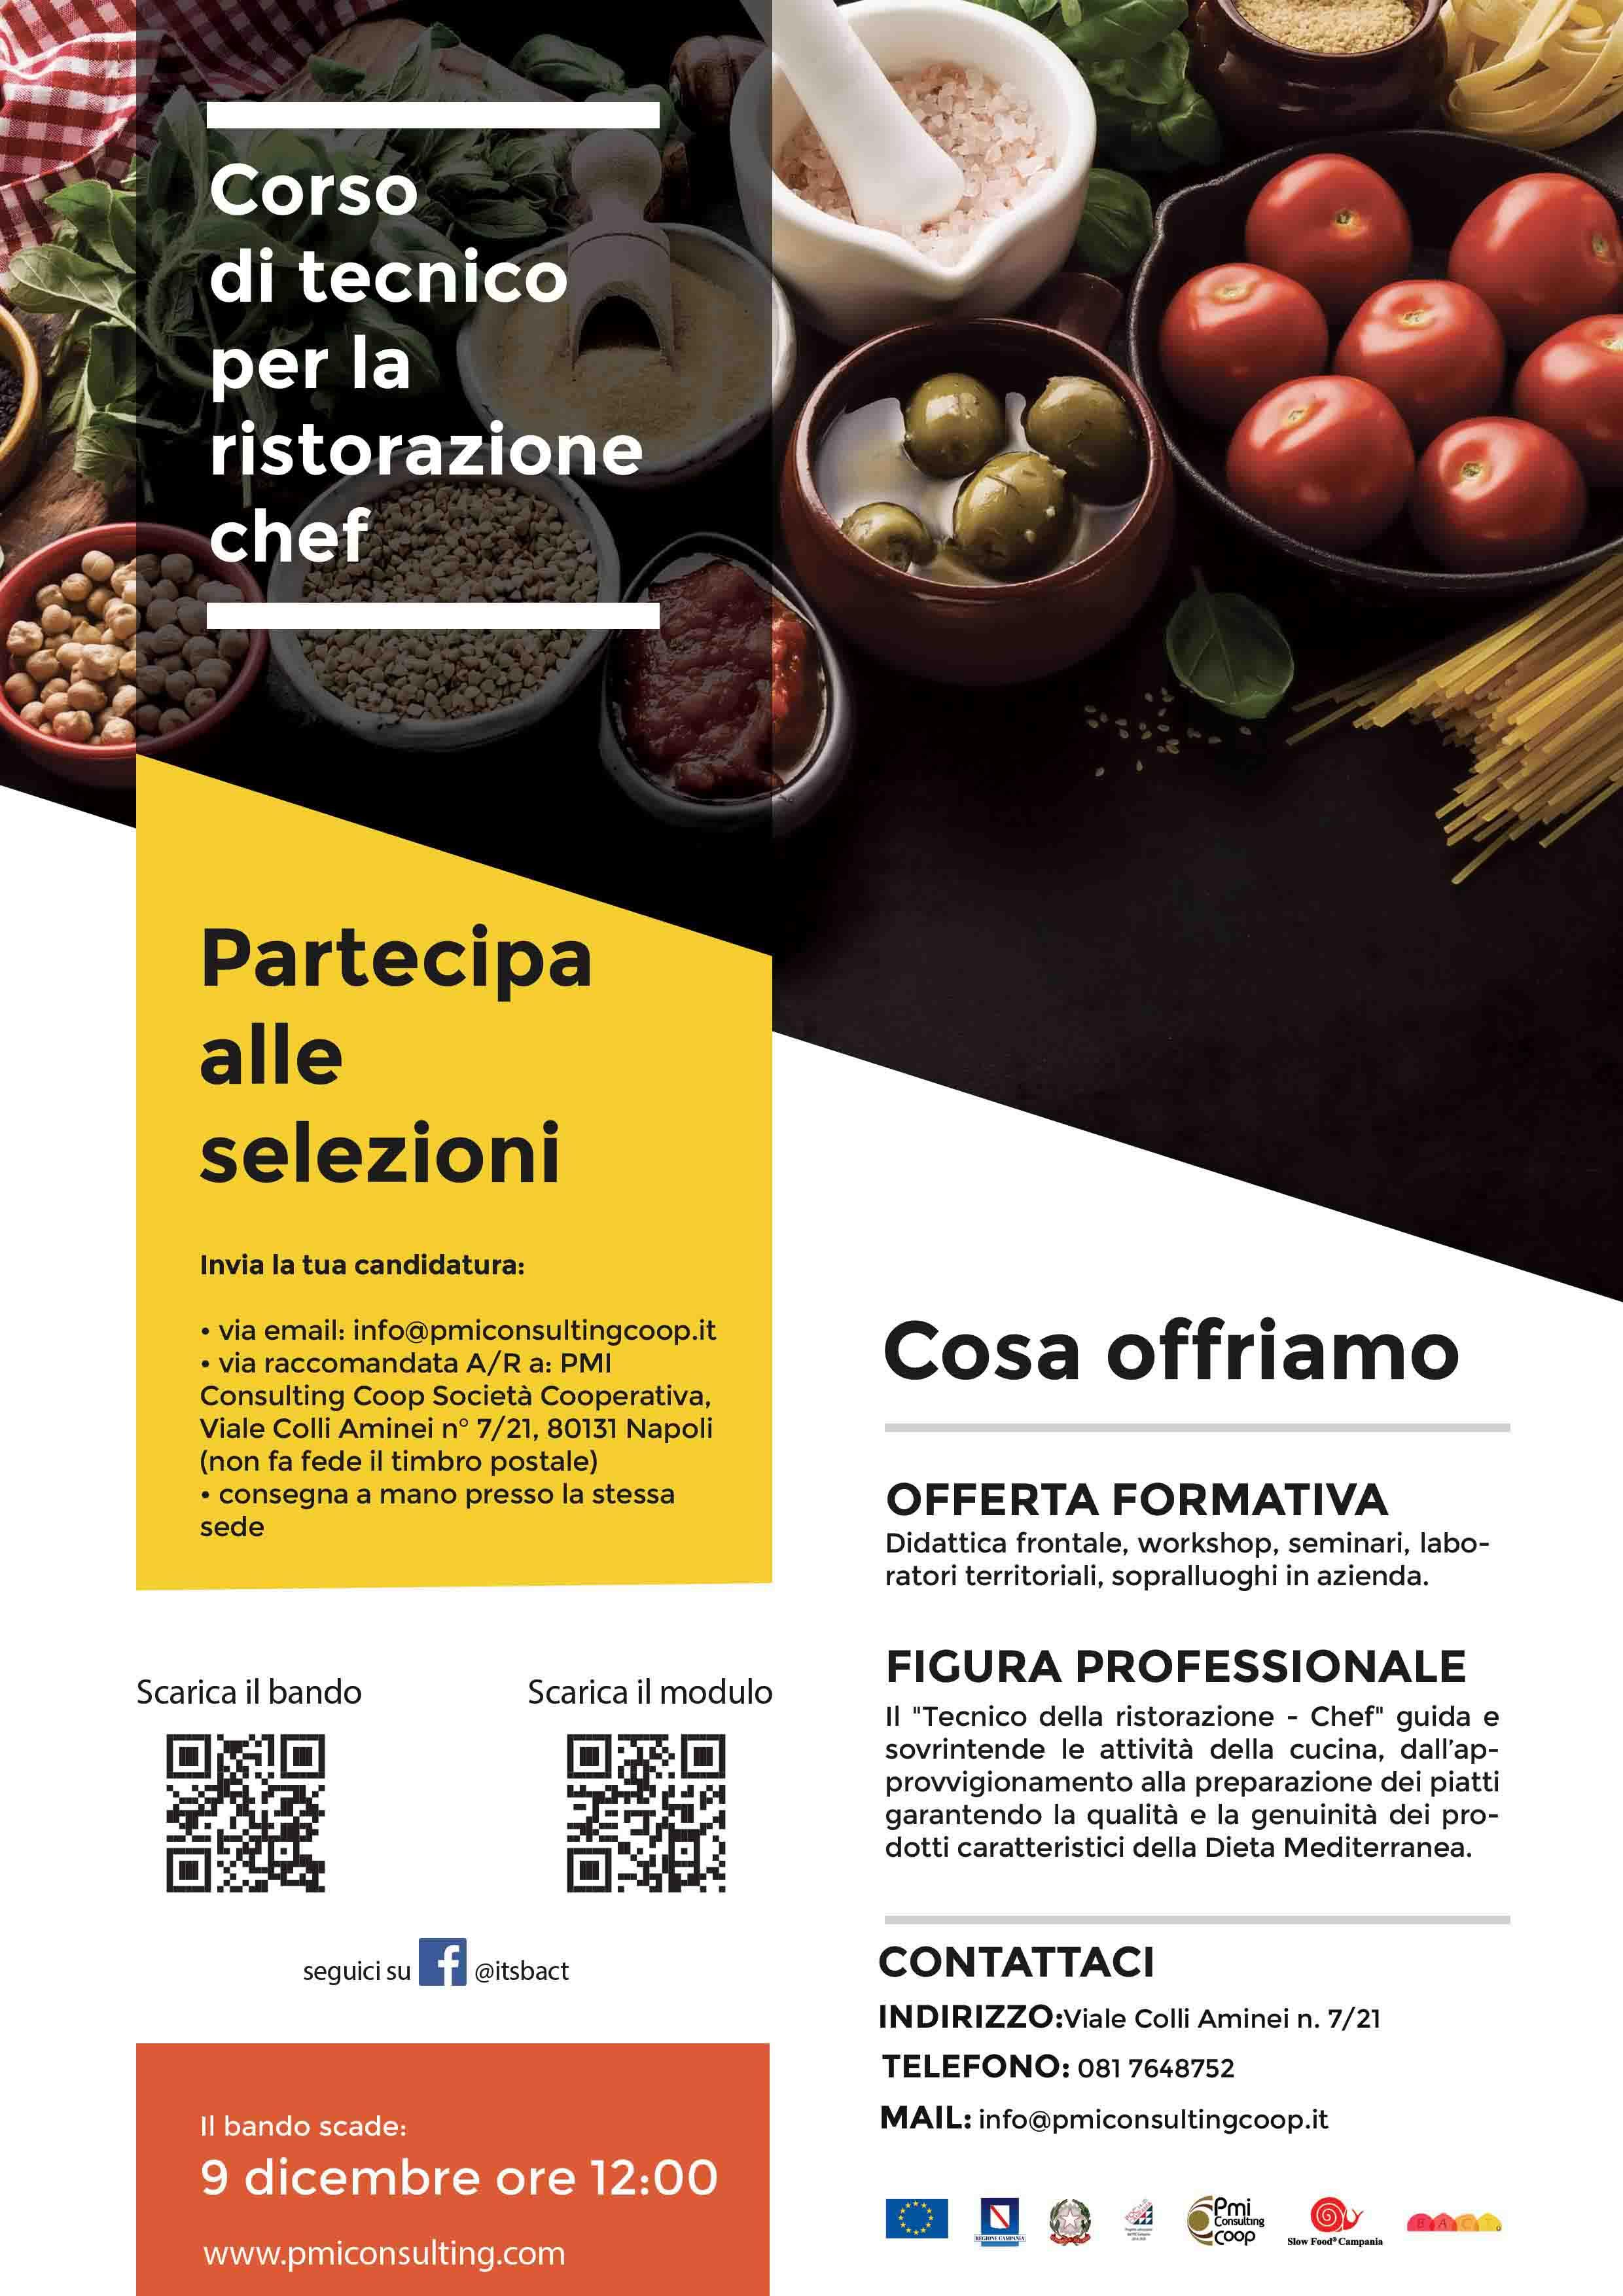 portfolio-fondazione-its-bact-at-elevendots-6